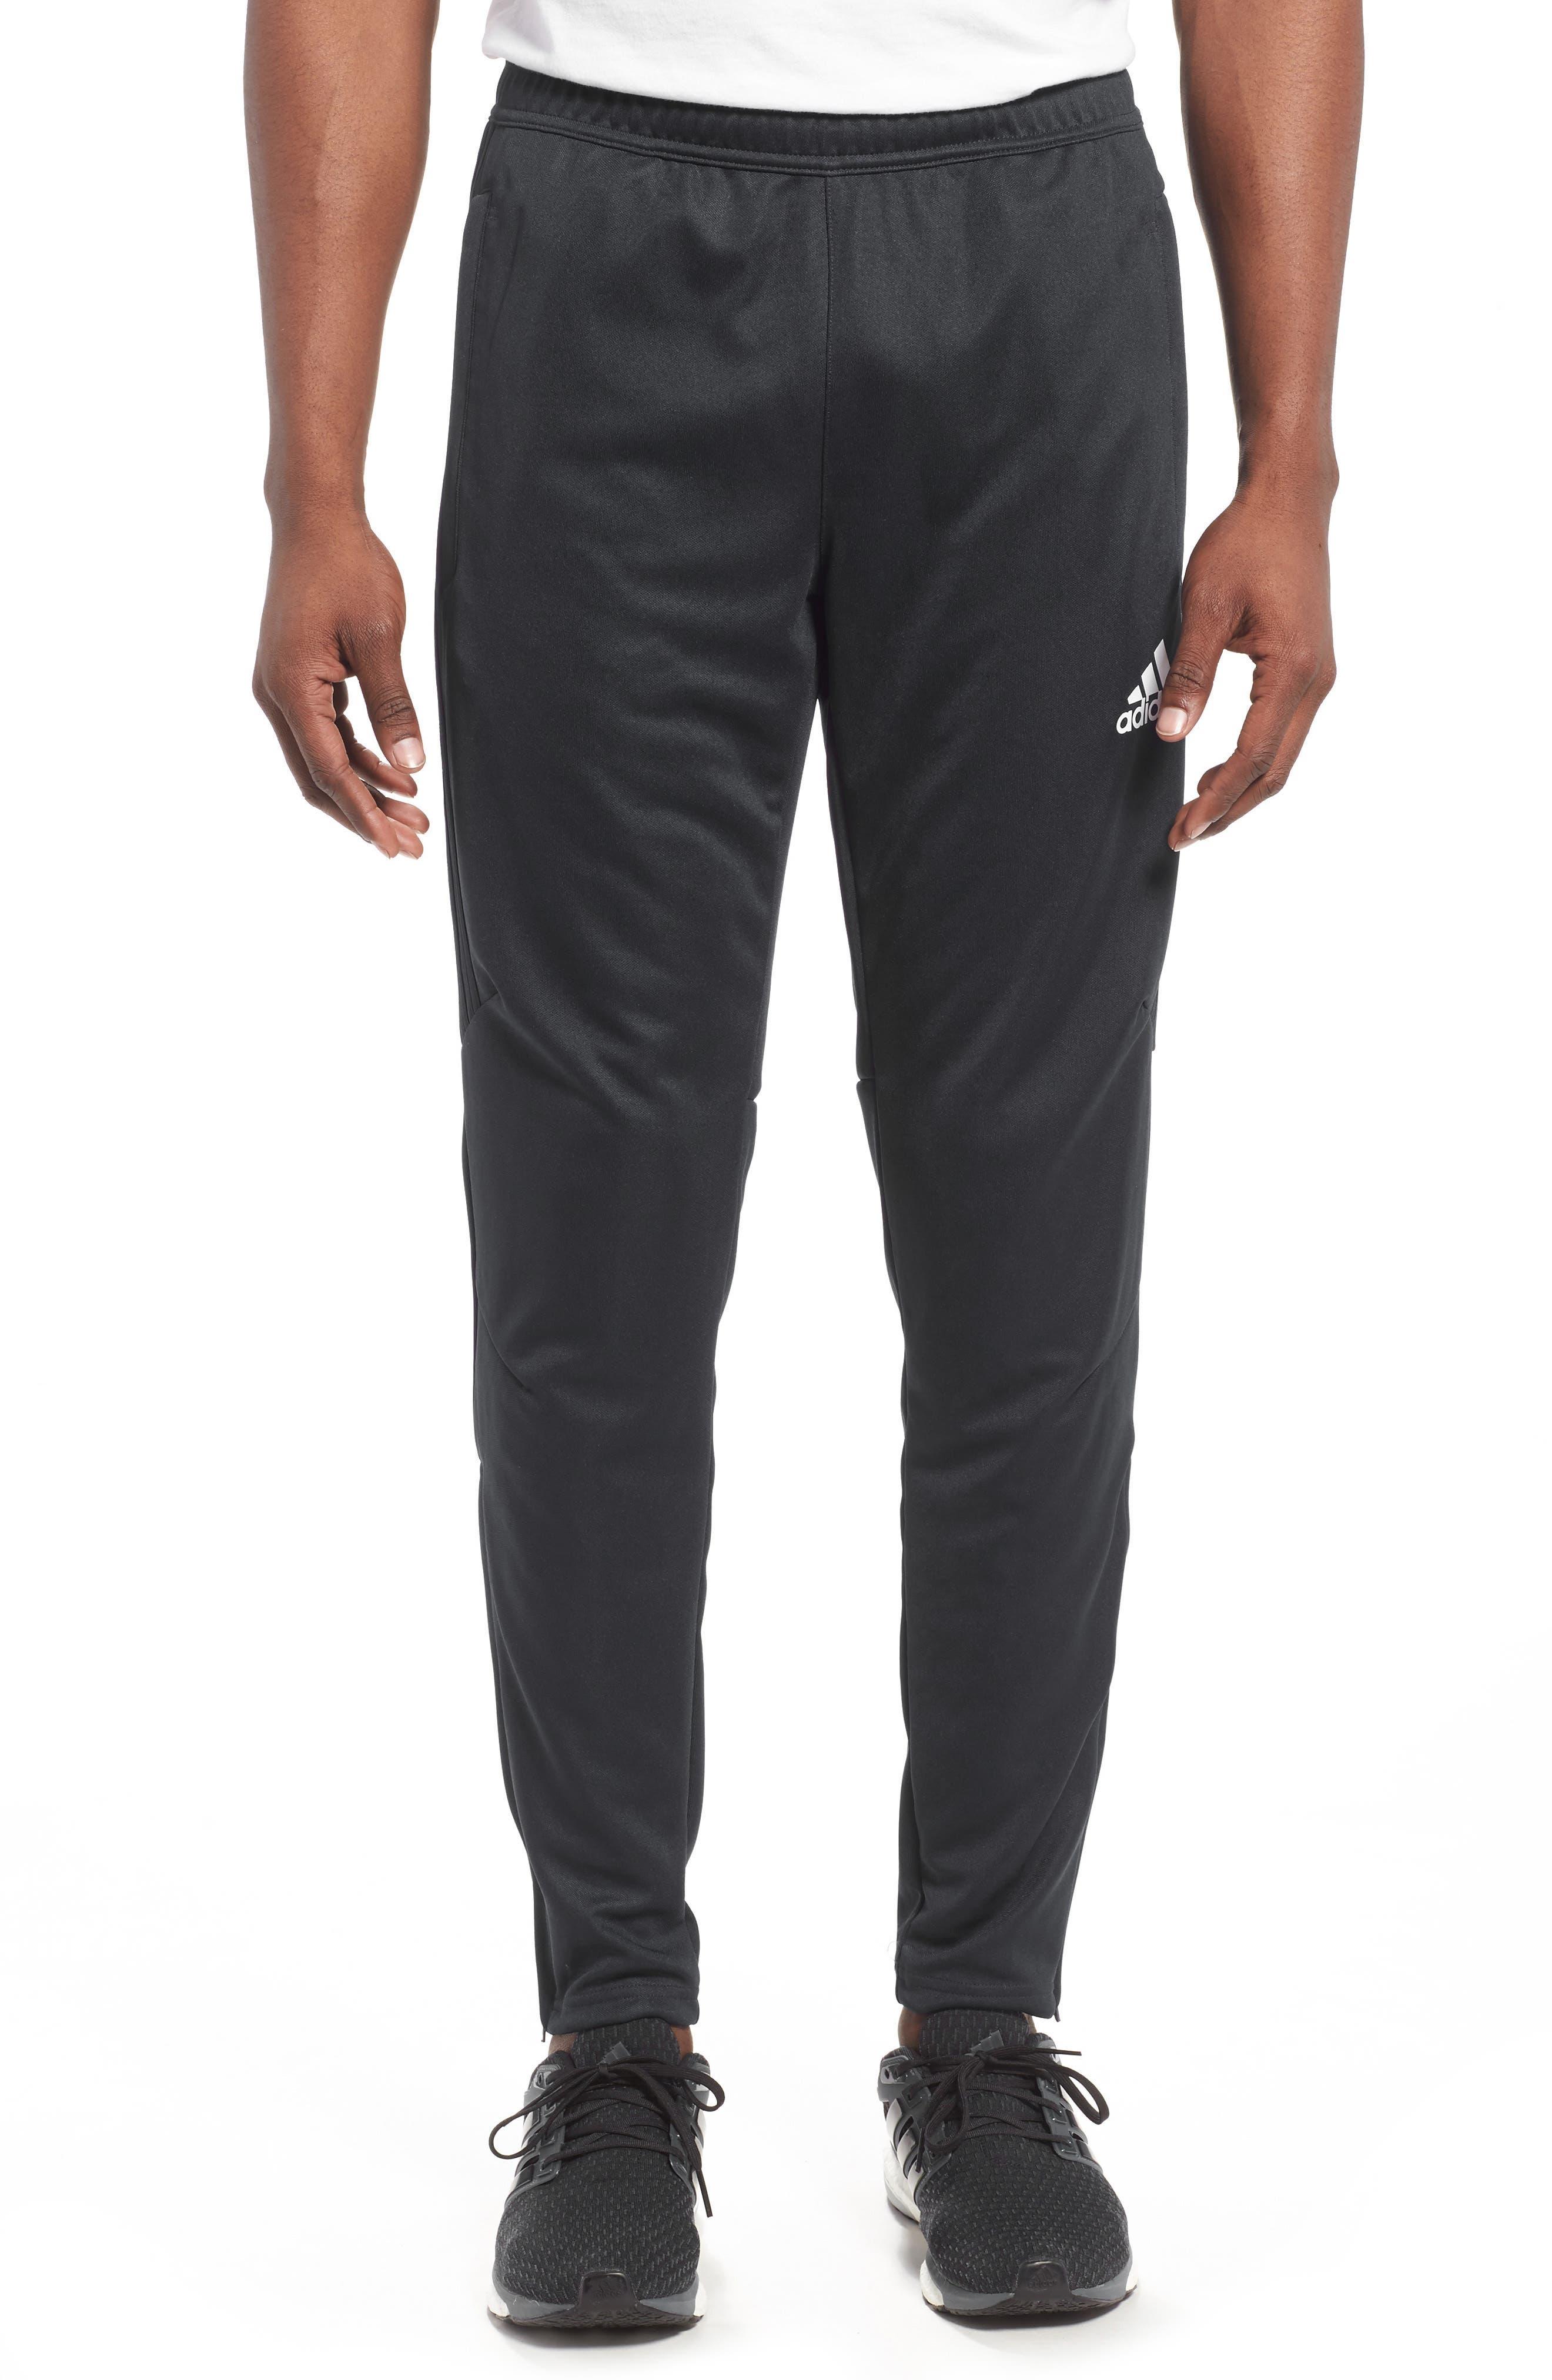 Tiro 17 Training Pants,                             Main thumbnail 1, color,                             BLACK/ WHITE/ WHITE